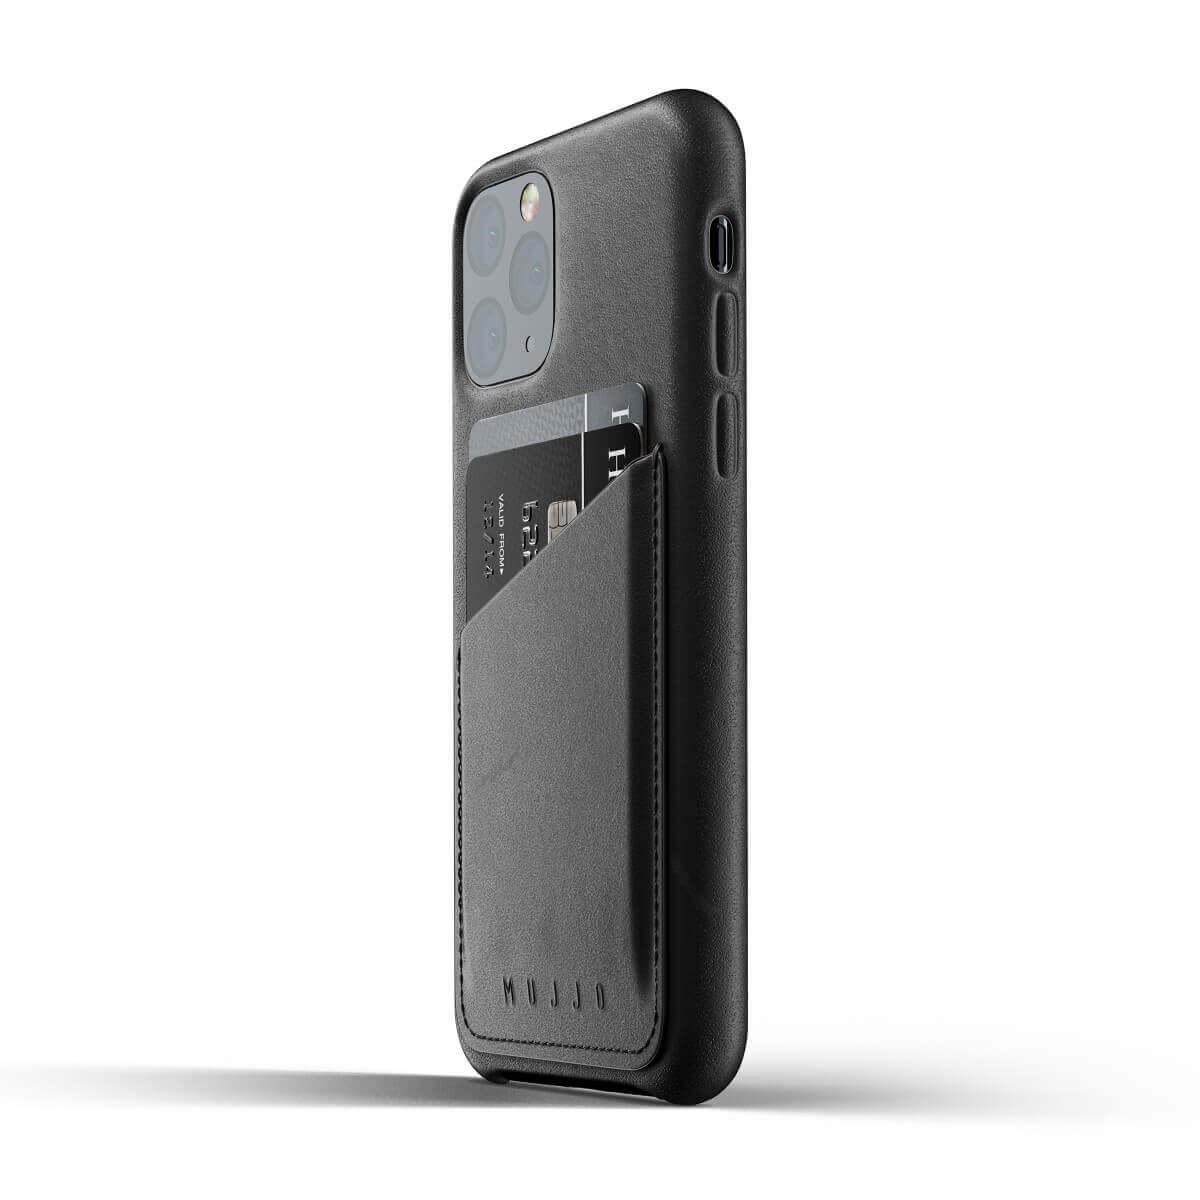 Mujjo Leather Wallet Case — кожен (естествена кожа) кейс с джоб за кредитна карта за iPhone 11 Pro (черен) - 5